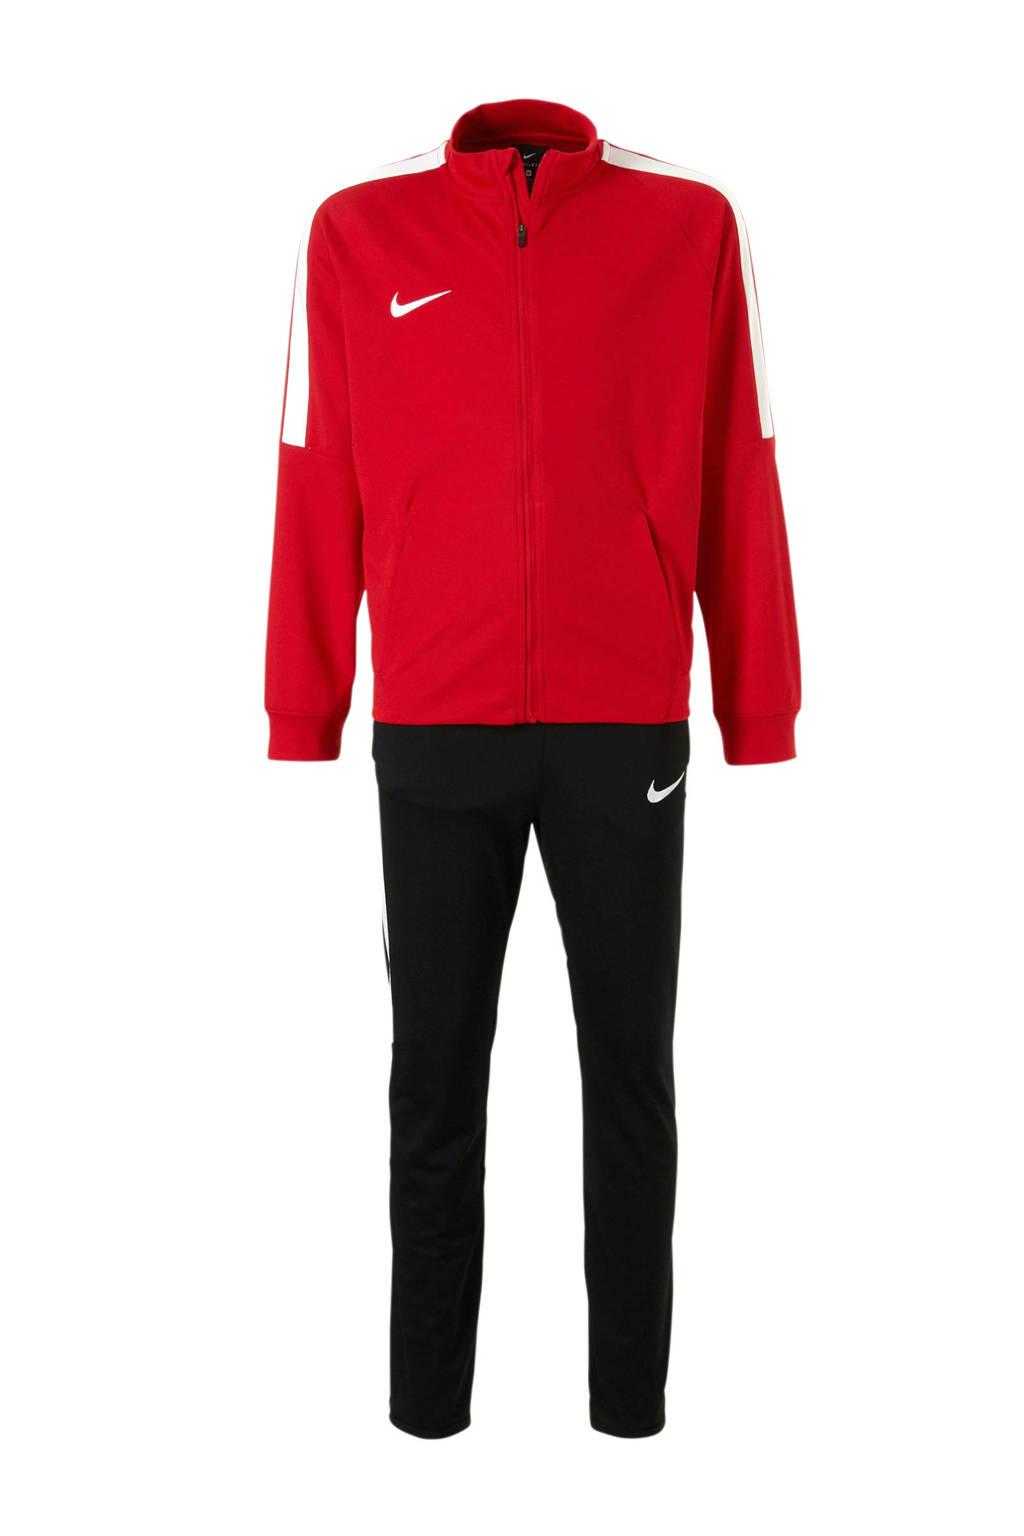 Nike   trainingspak rood/zwart, Rood/zwart